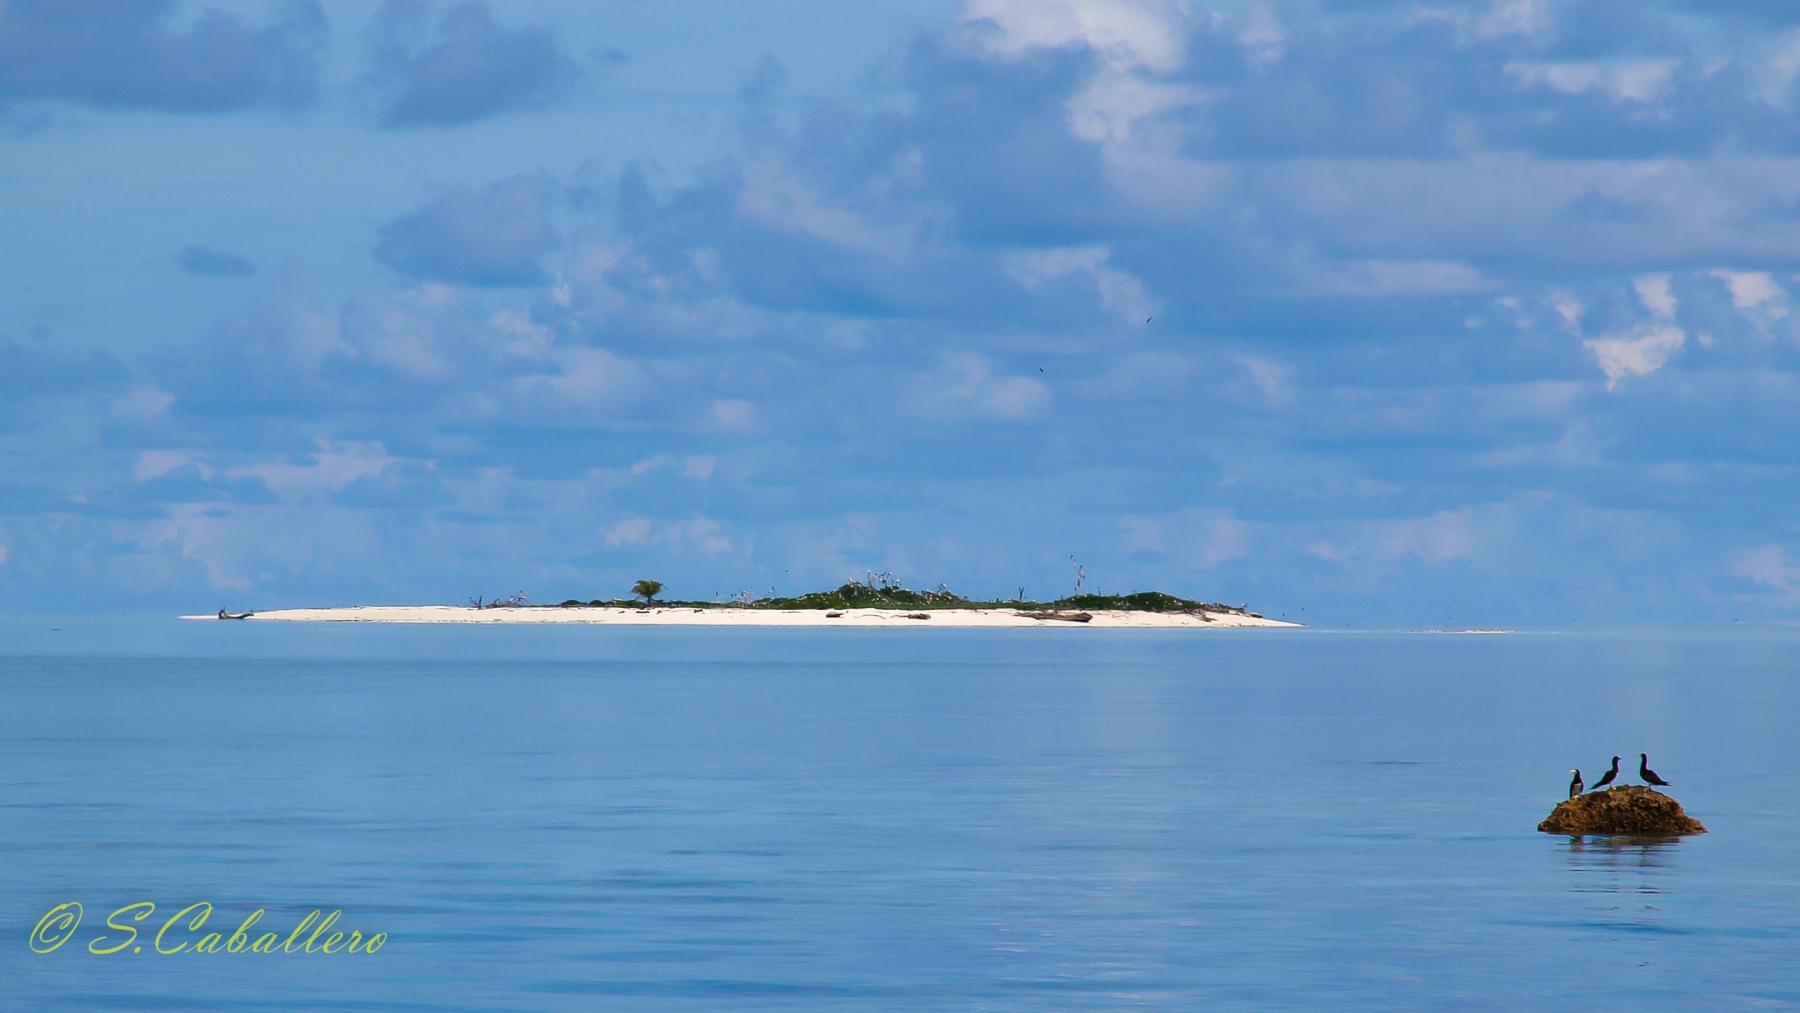 Tubbtaha-Reef Bird Island